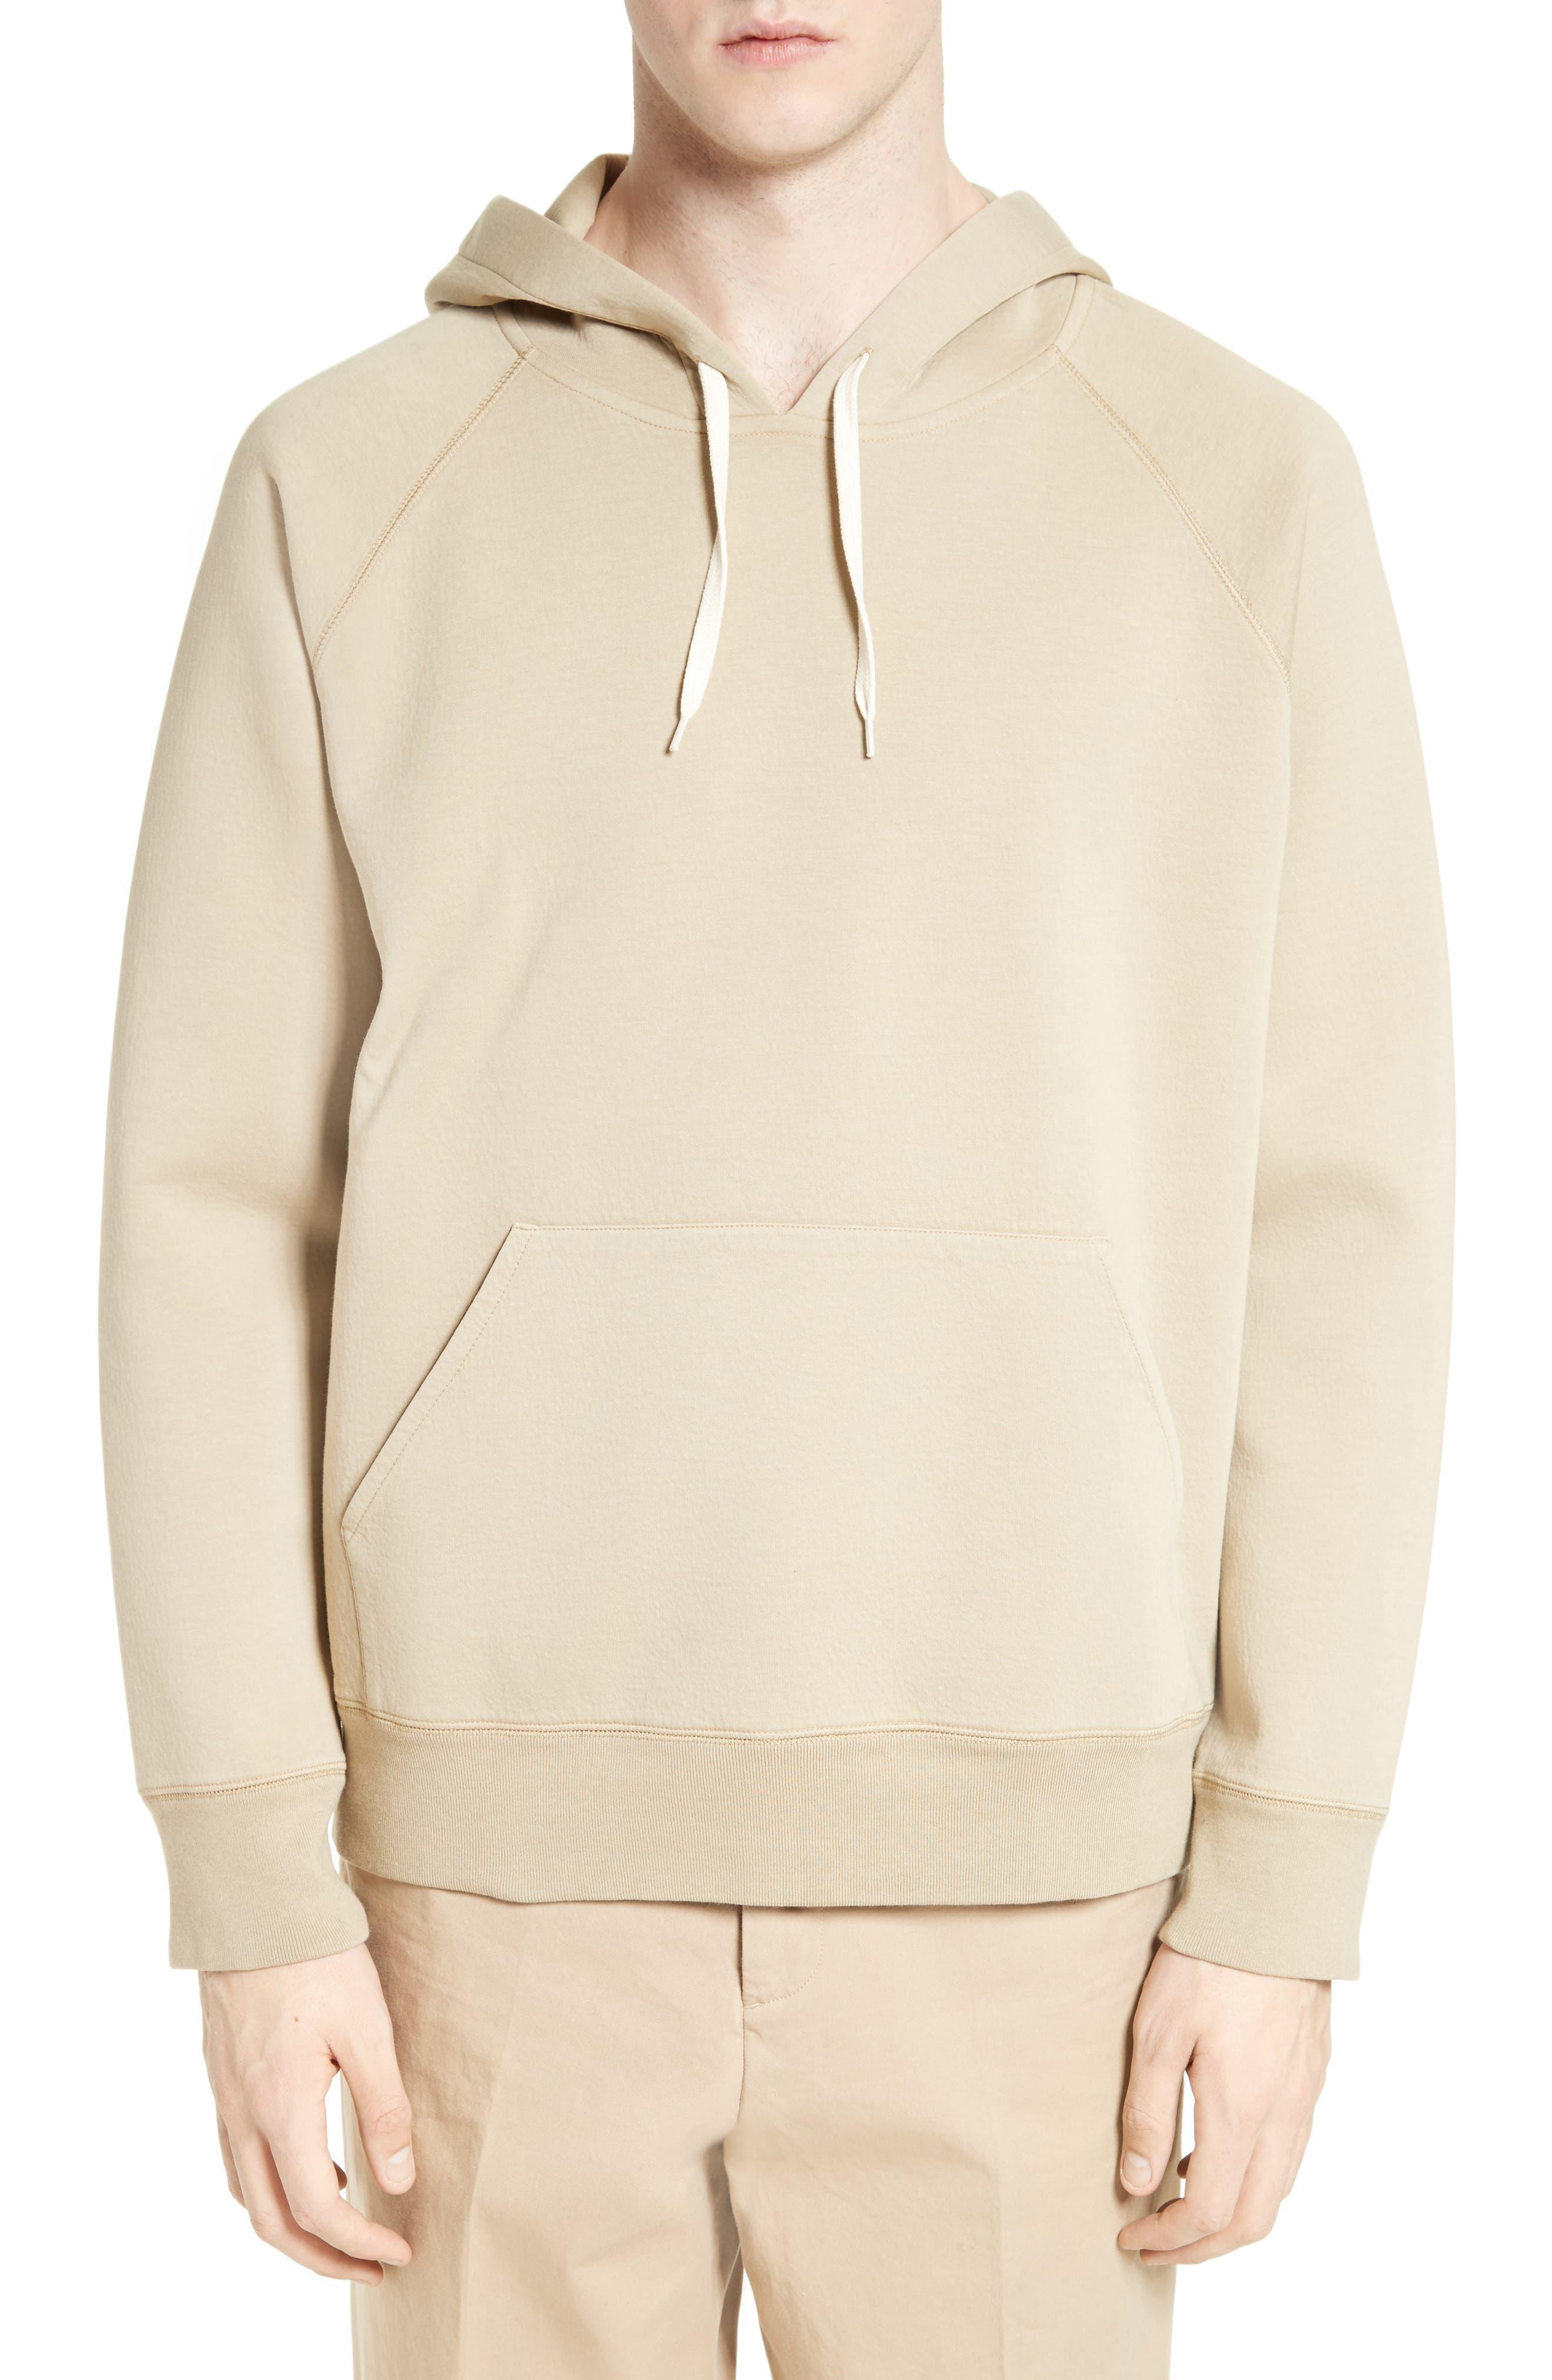 Scuba Hooded Sweatshirt, Main, color, 250